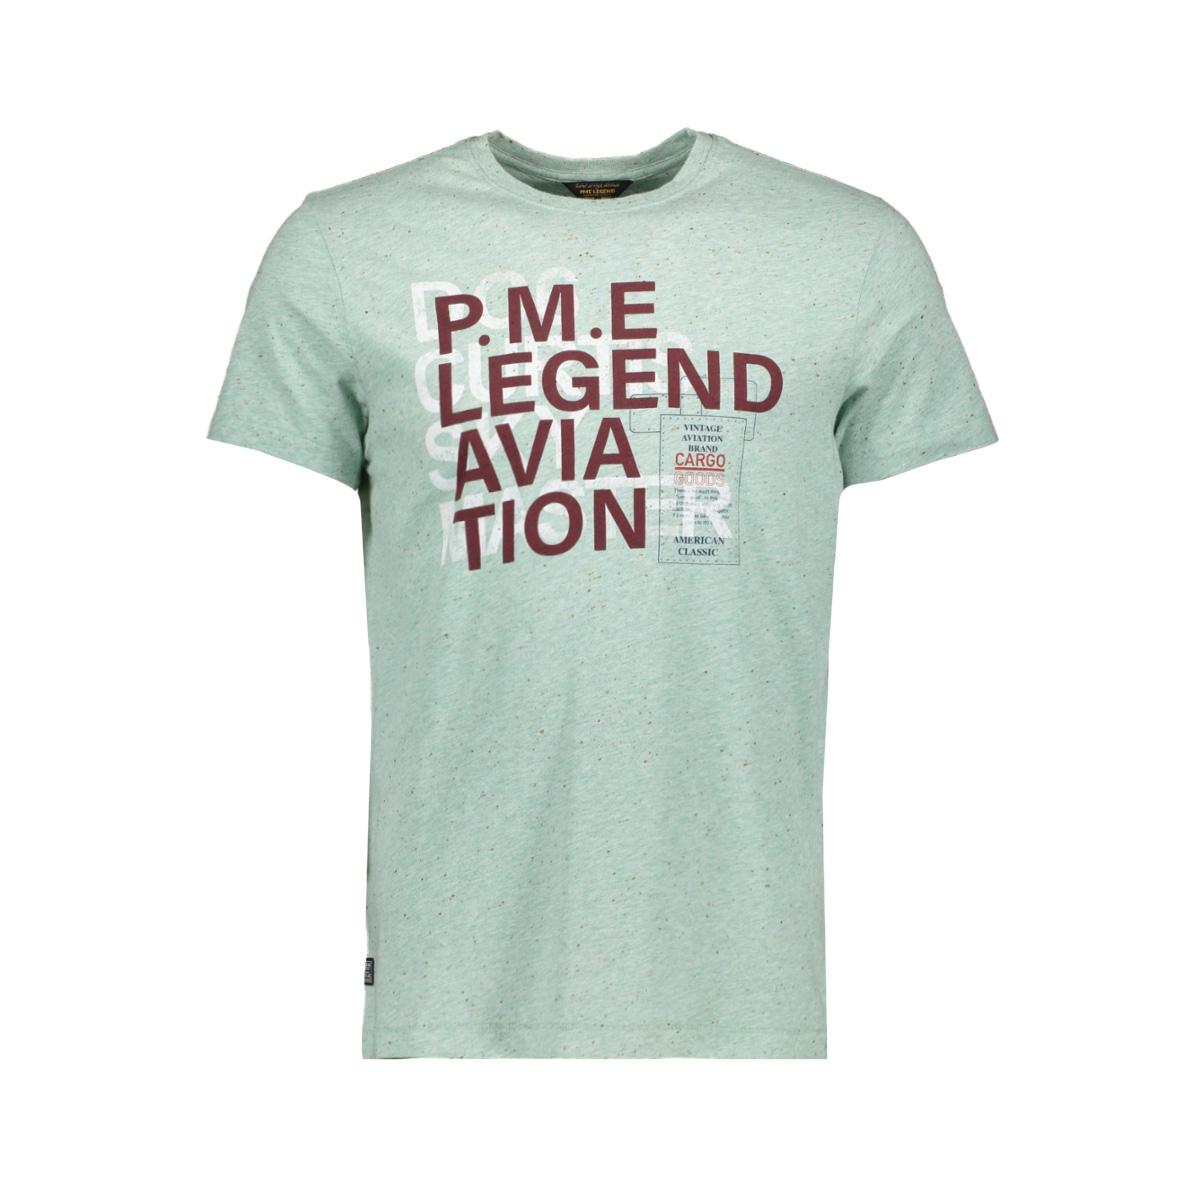 single jersey t shirt ptss192537 pme legend t-shirt 5147